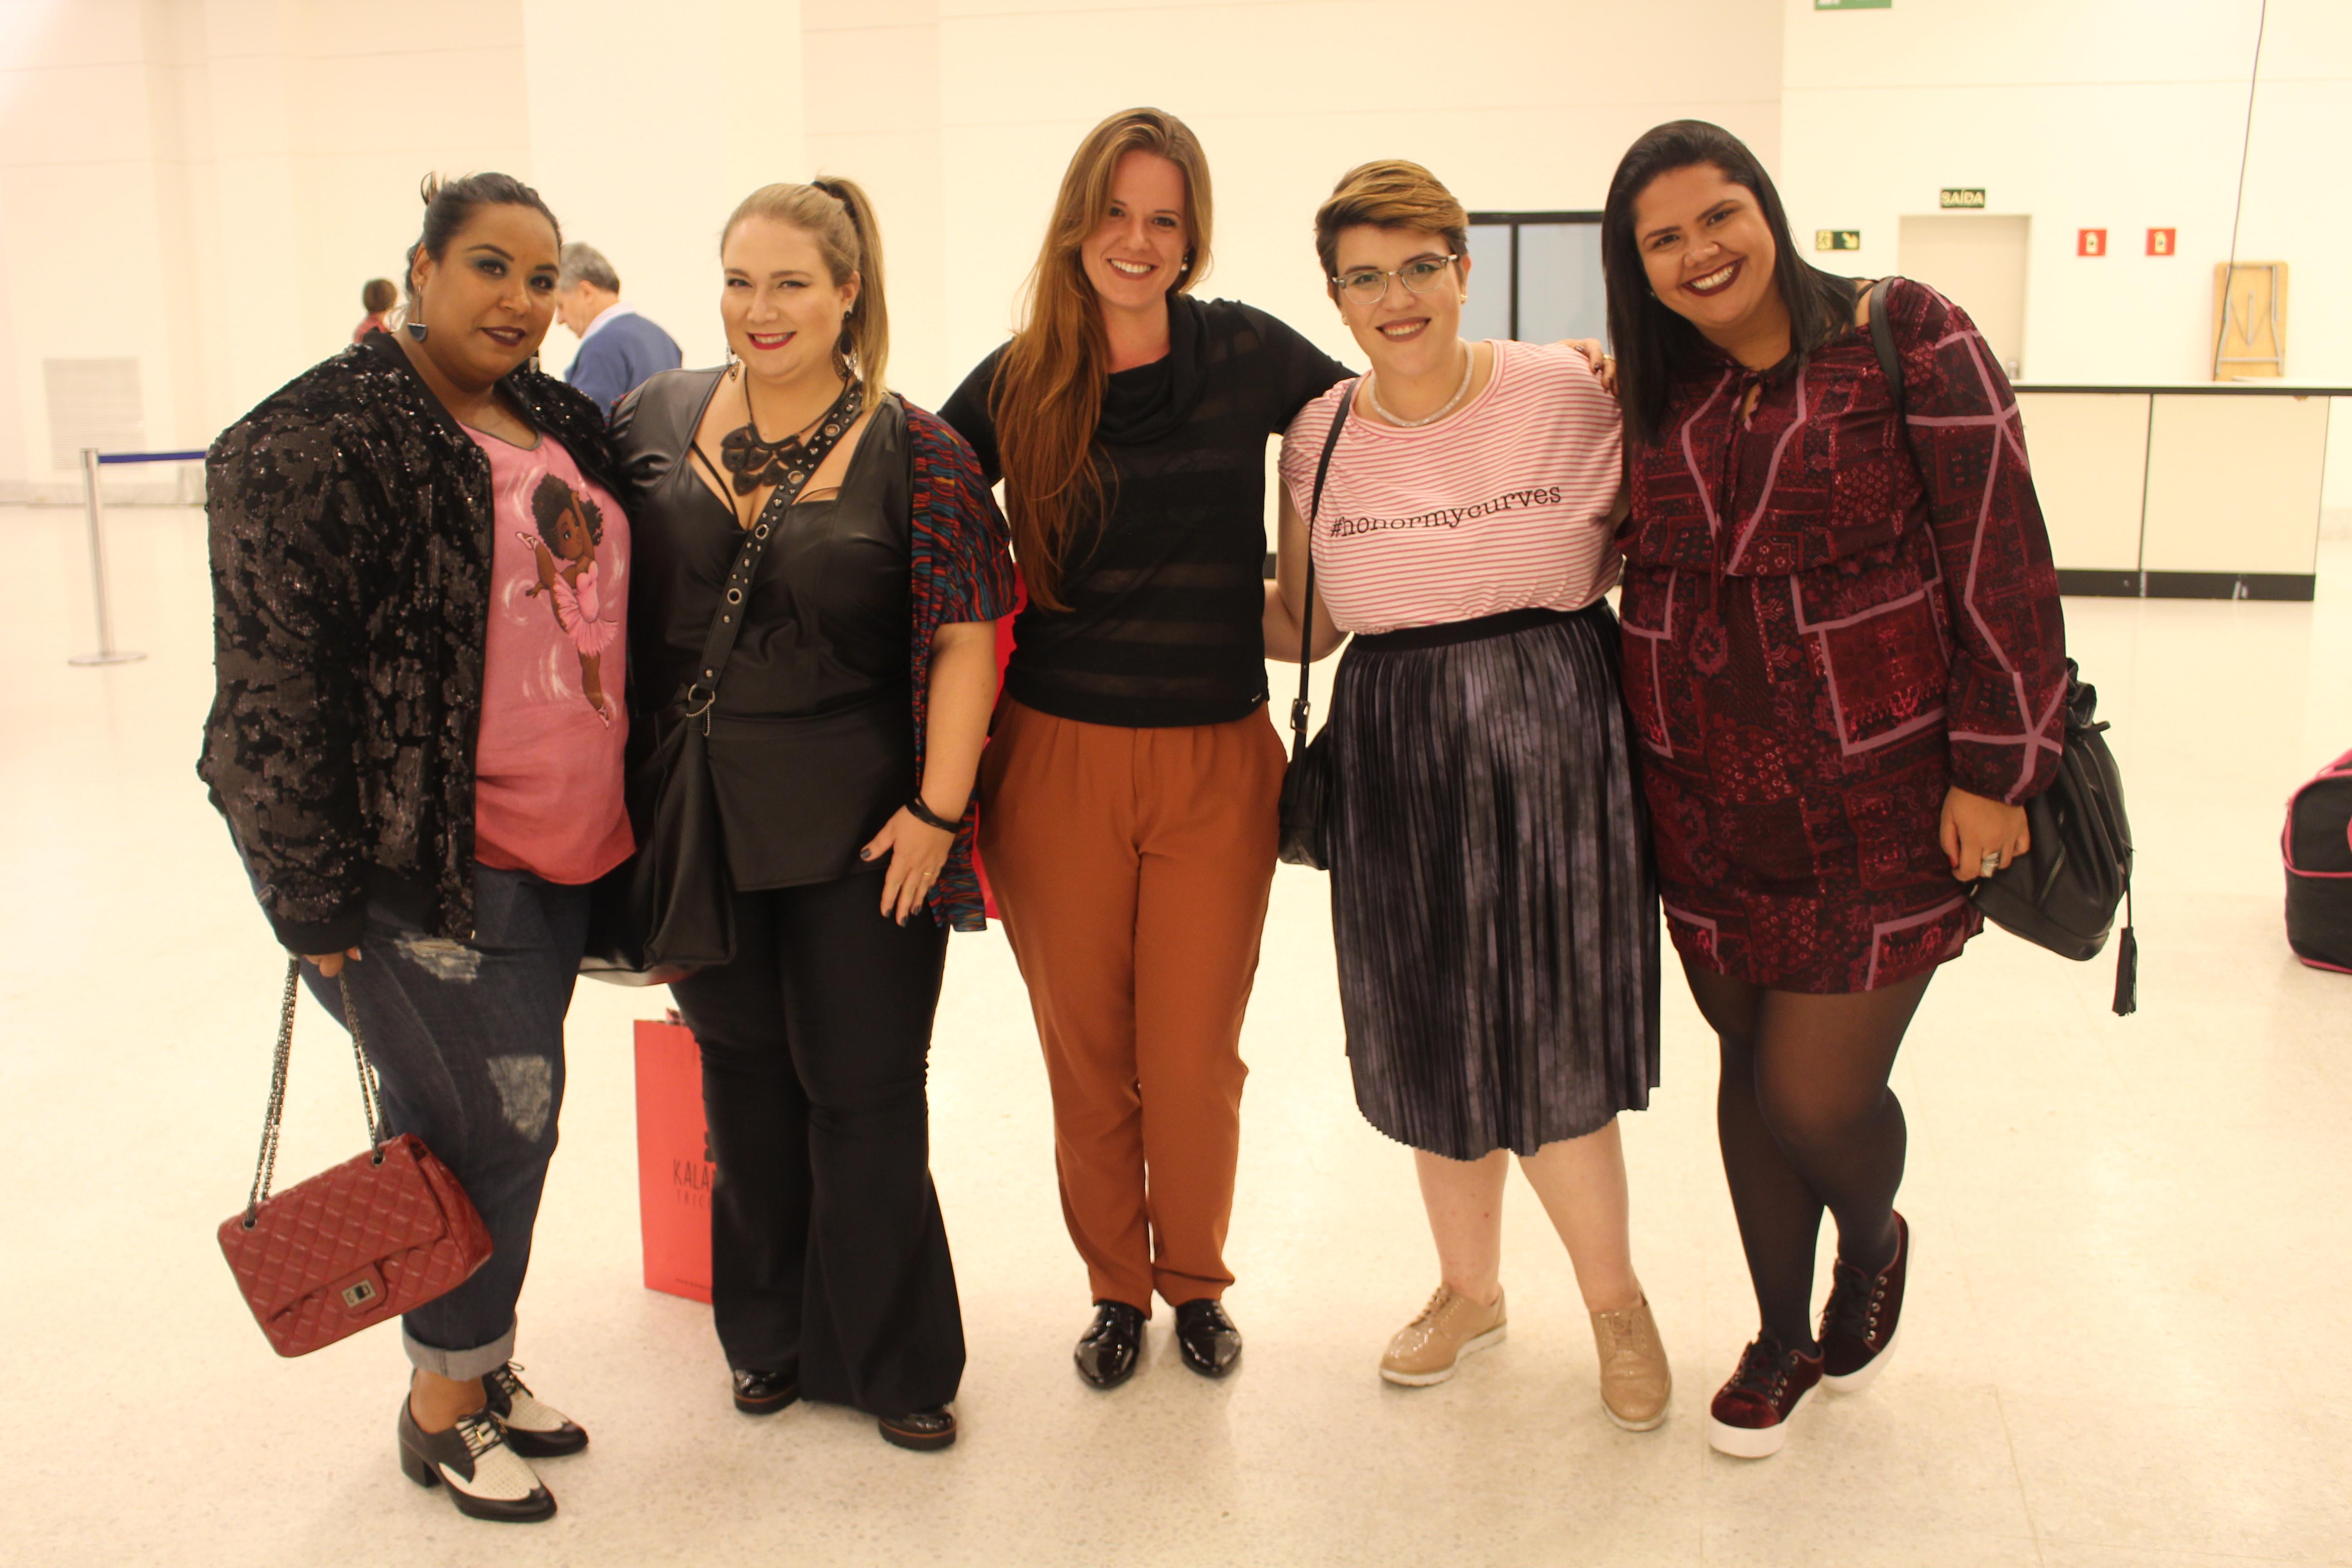 Com a Carol do Blog Lady Fofa, Aline da Mirasul, a Gabi do Blog Garotas Gordinhas e a Jaque do Blog Eu Plus Size